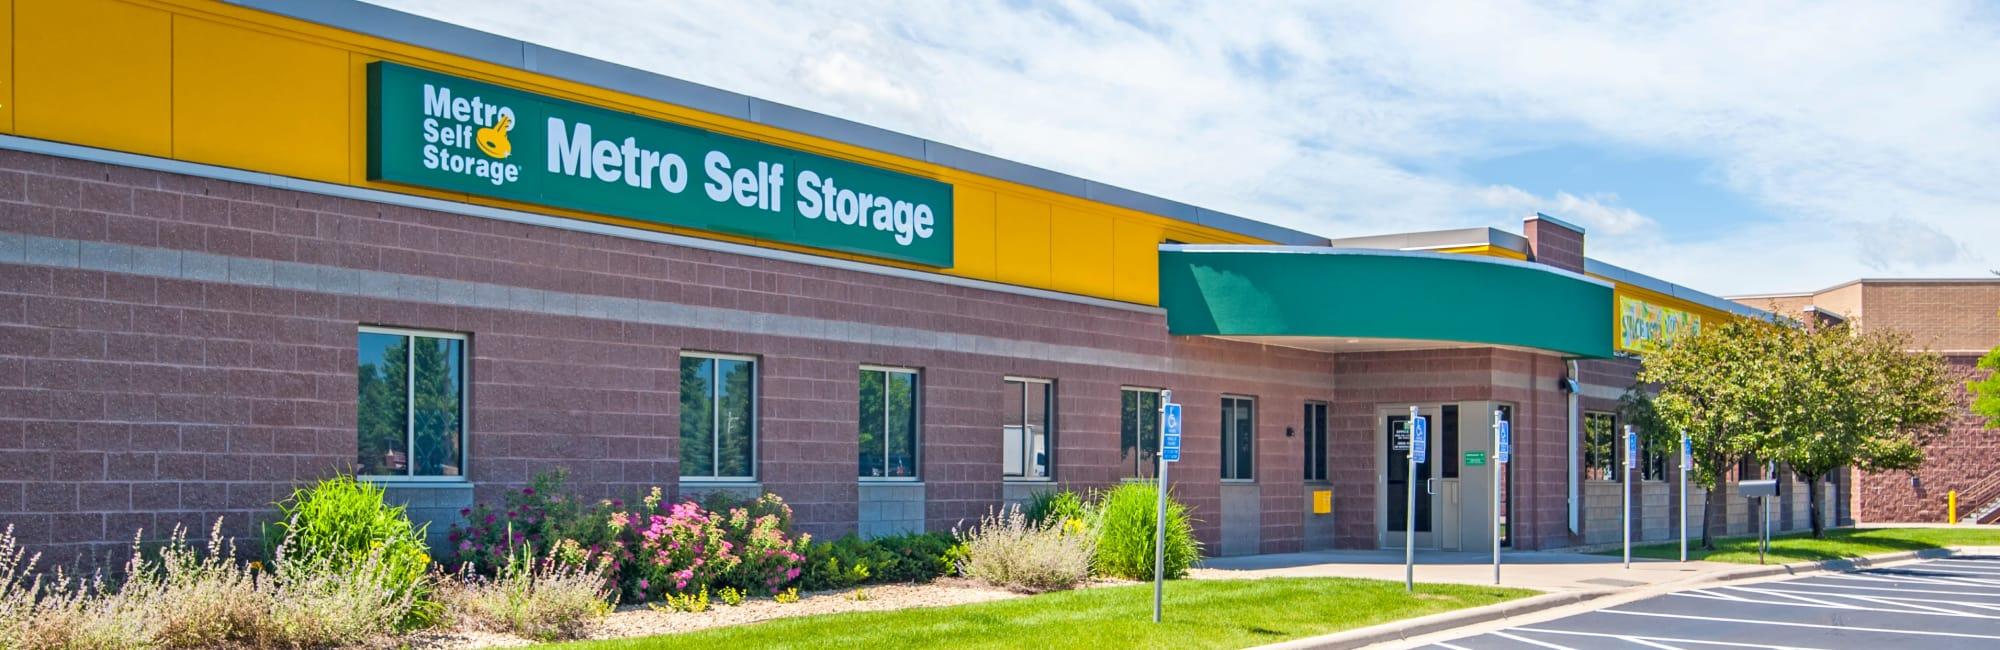 Metro Self Storage in Orono, MN